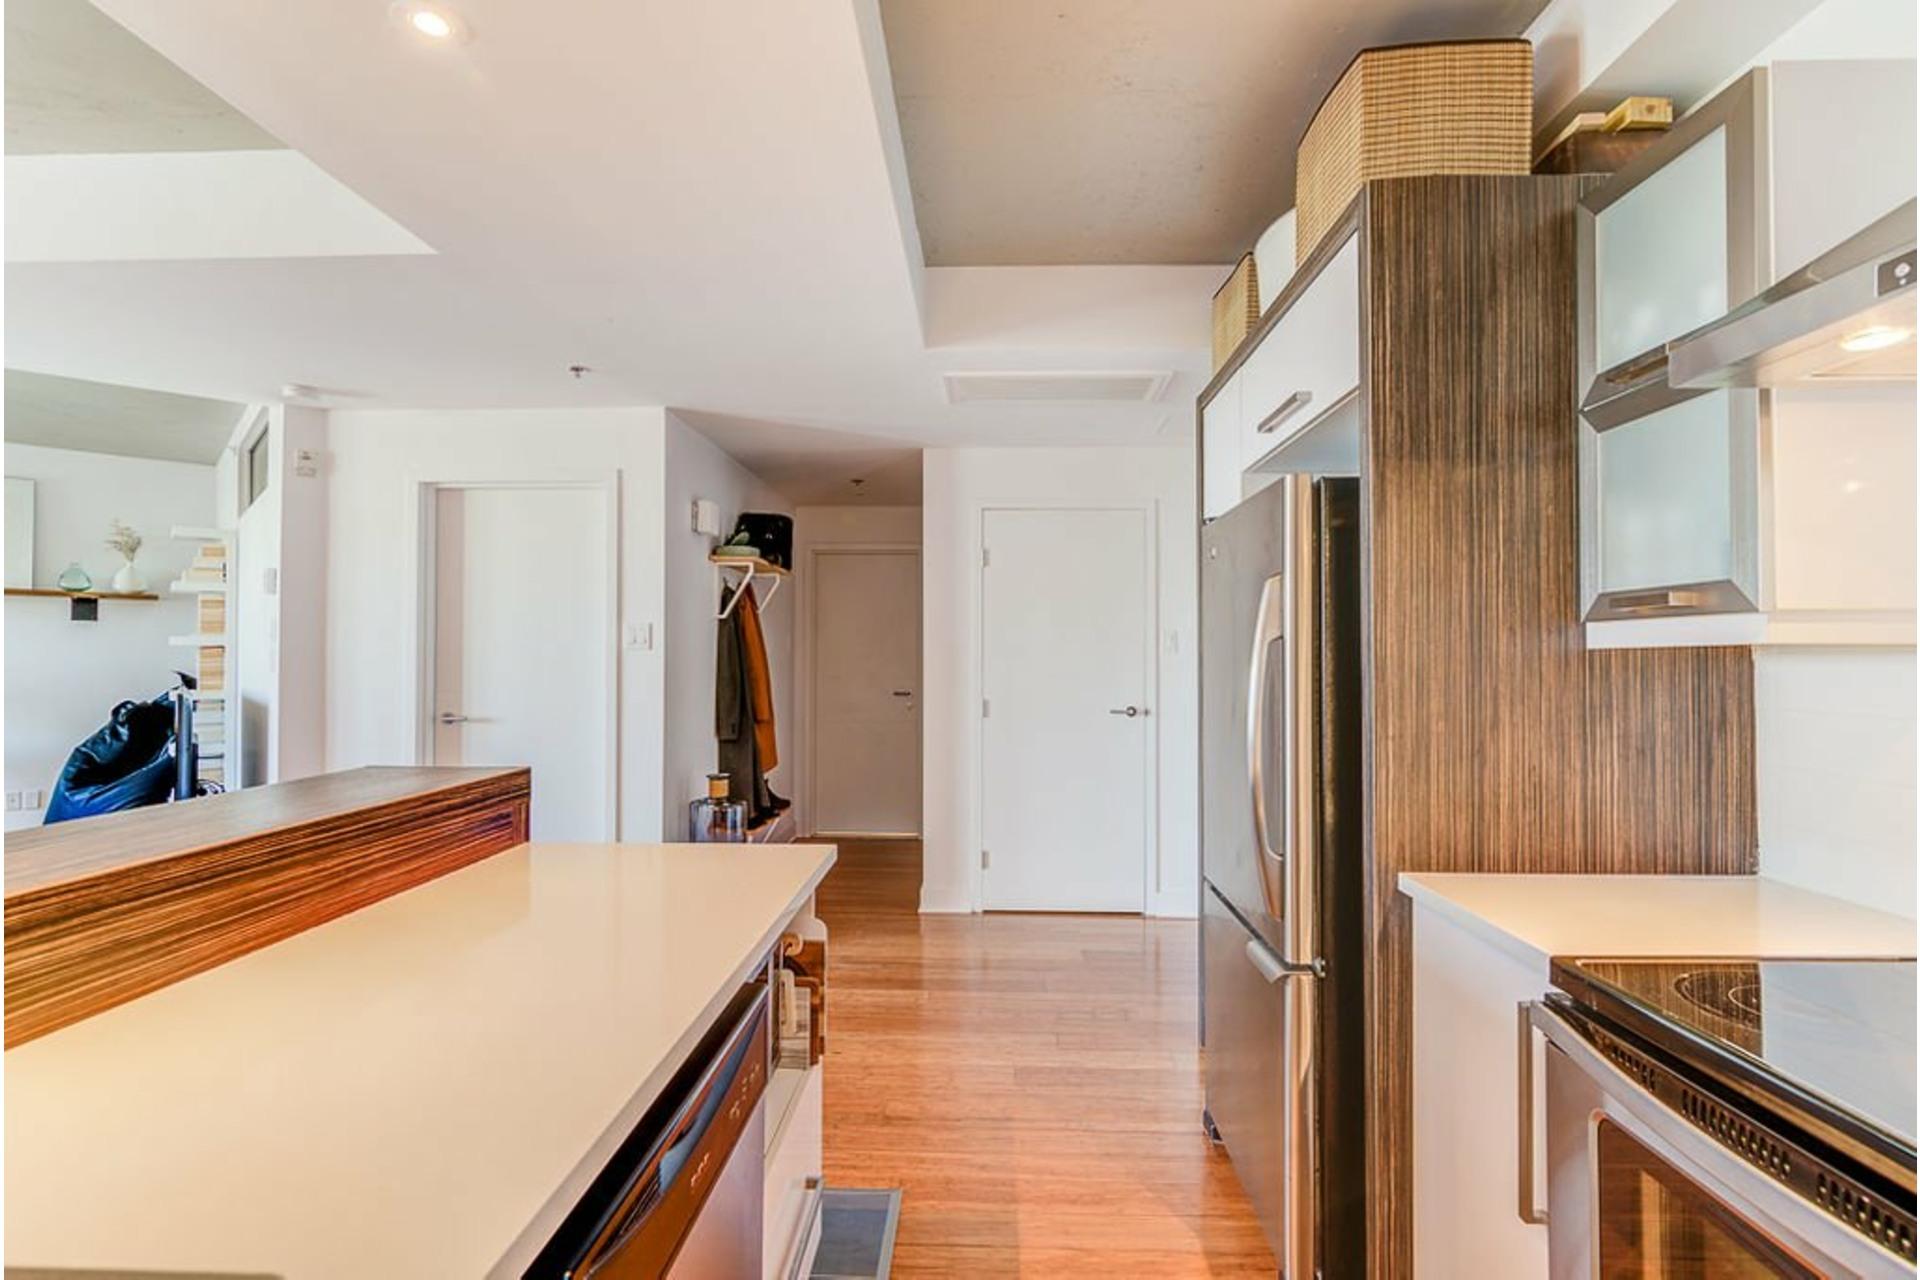 image 11 - Apartment For sale Villeray/Saint-Michel/Parc-Extension Montréal  - 4 rooms